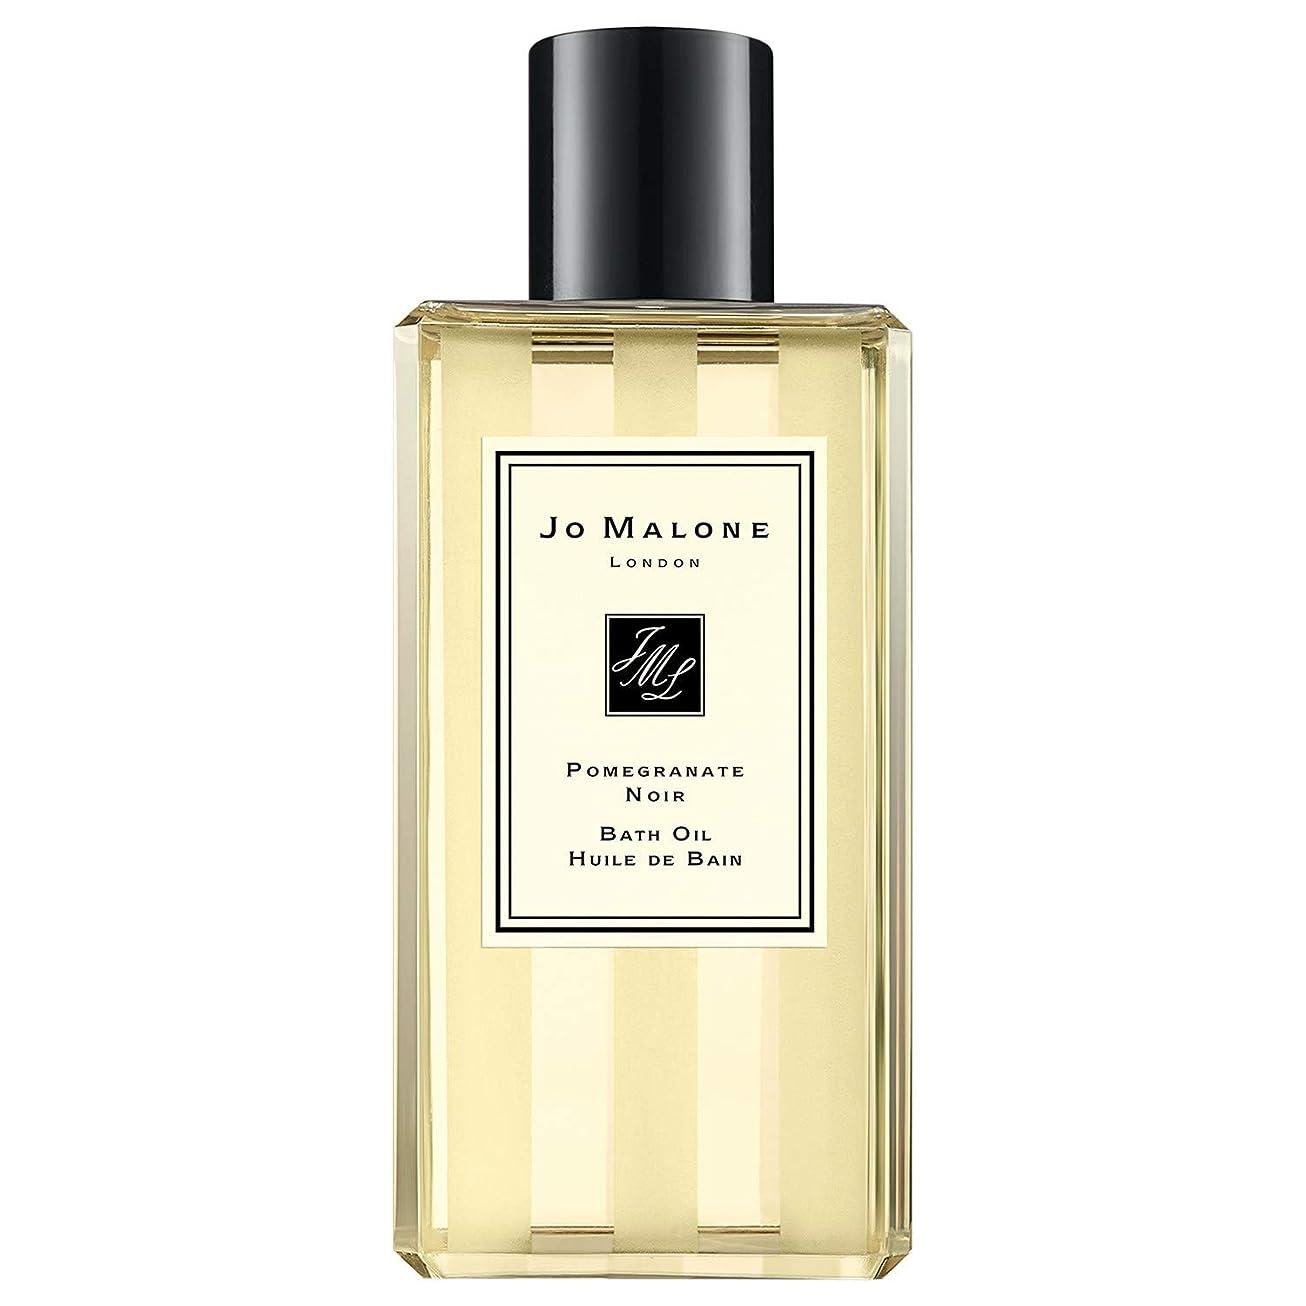 共和国恐ろしい欠かせない[Jo Malone ] ジョーマローンロンドンザクロノワールバスオイル250ミリリットル - Jo Malone London Pomegranate Noir Bath Oil 250ml [並行輸入品]